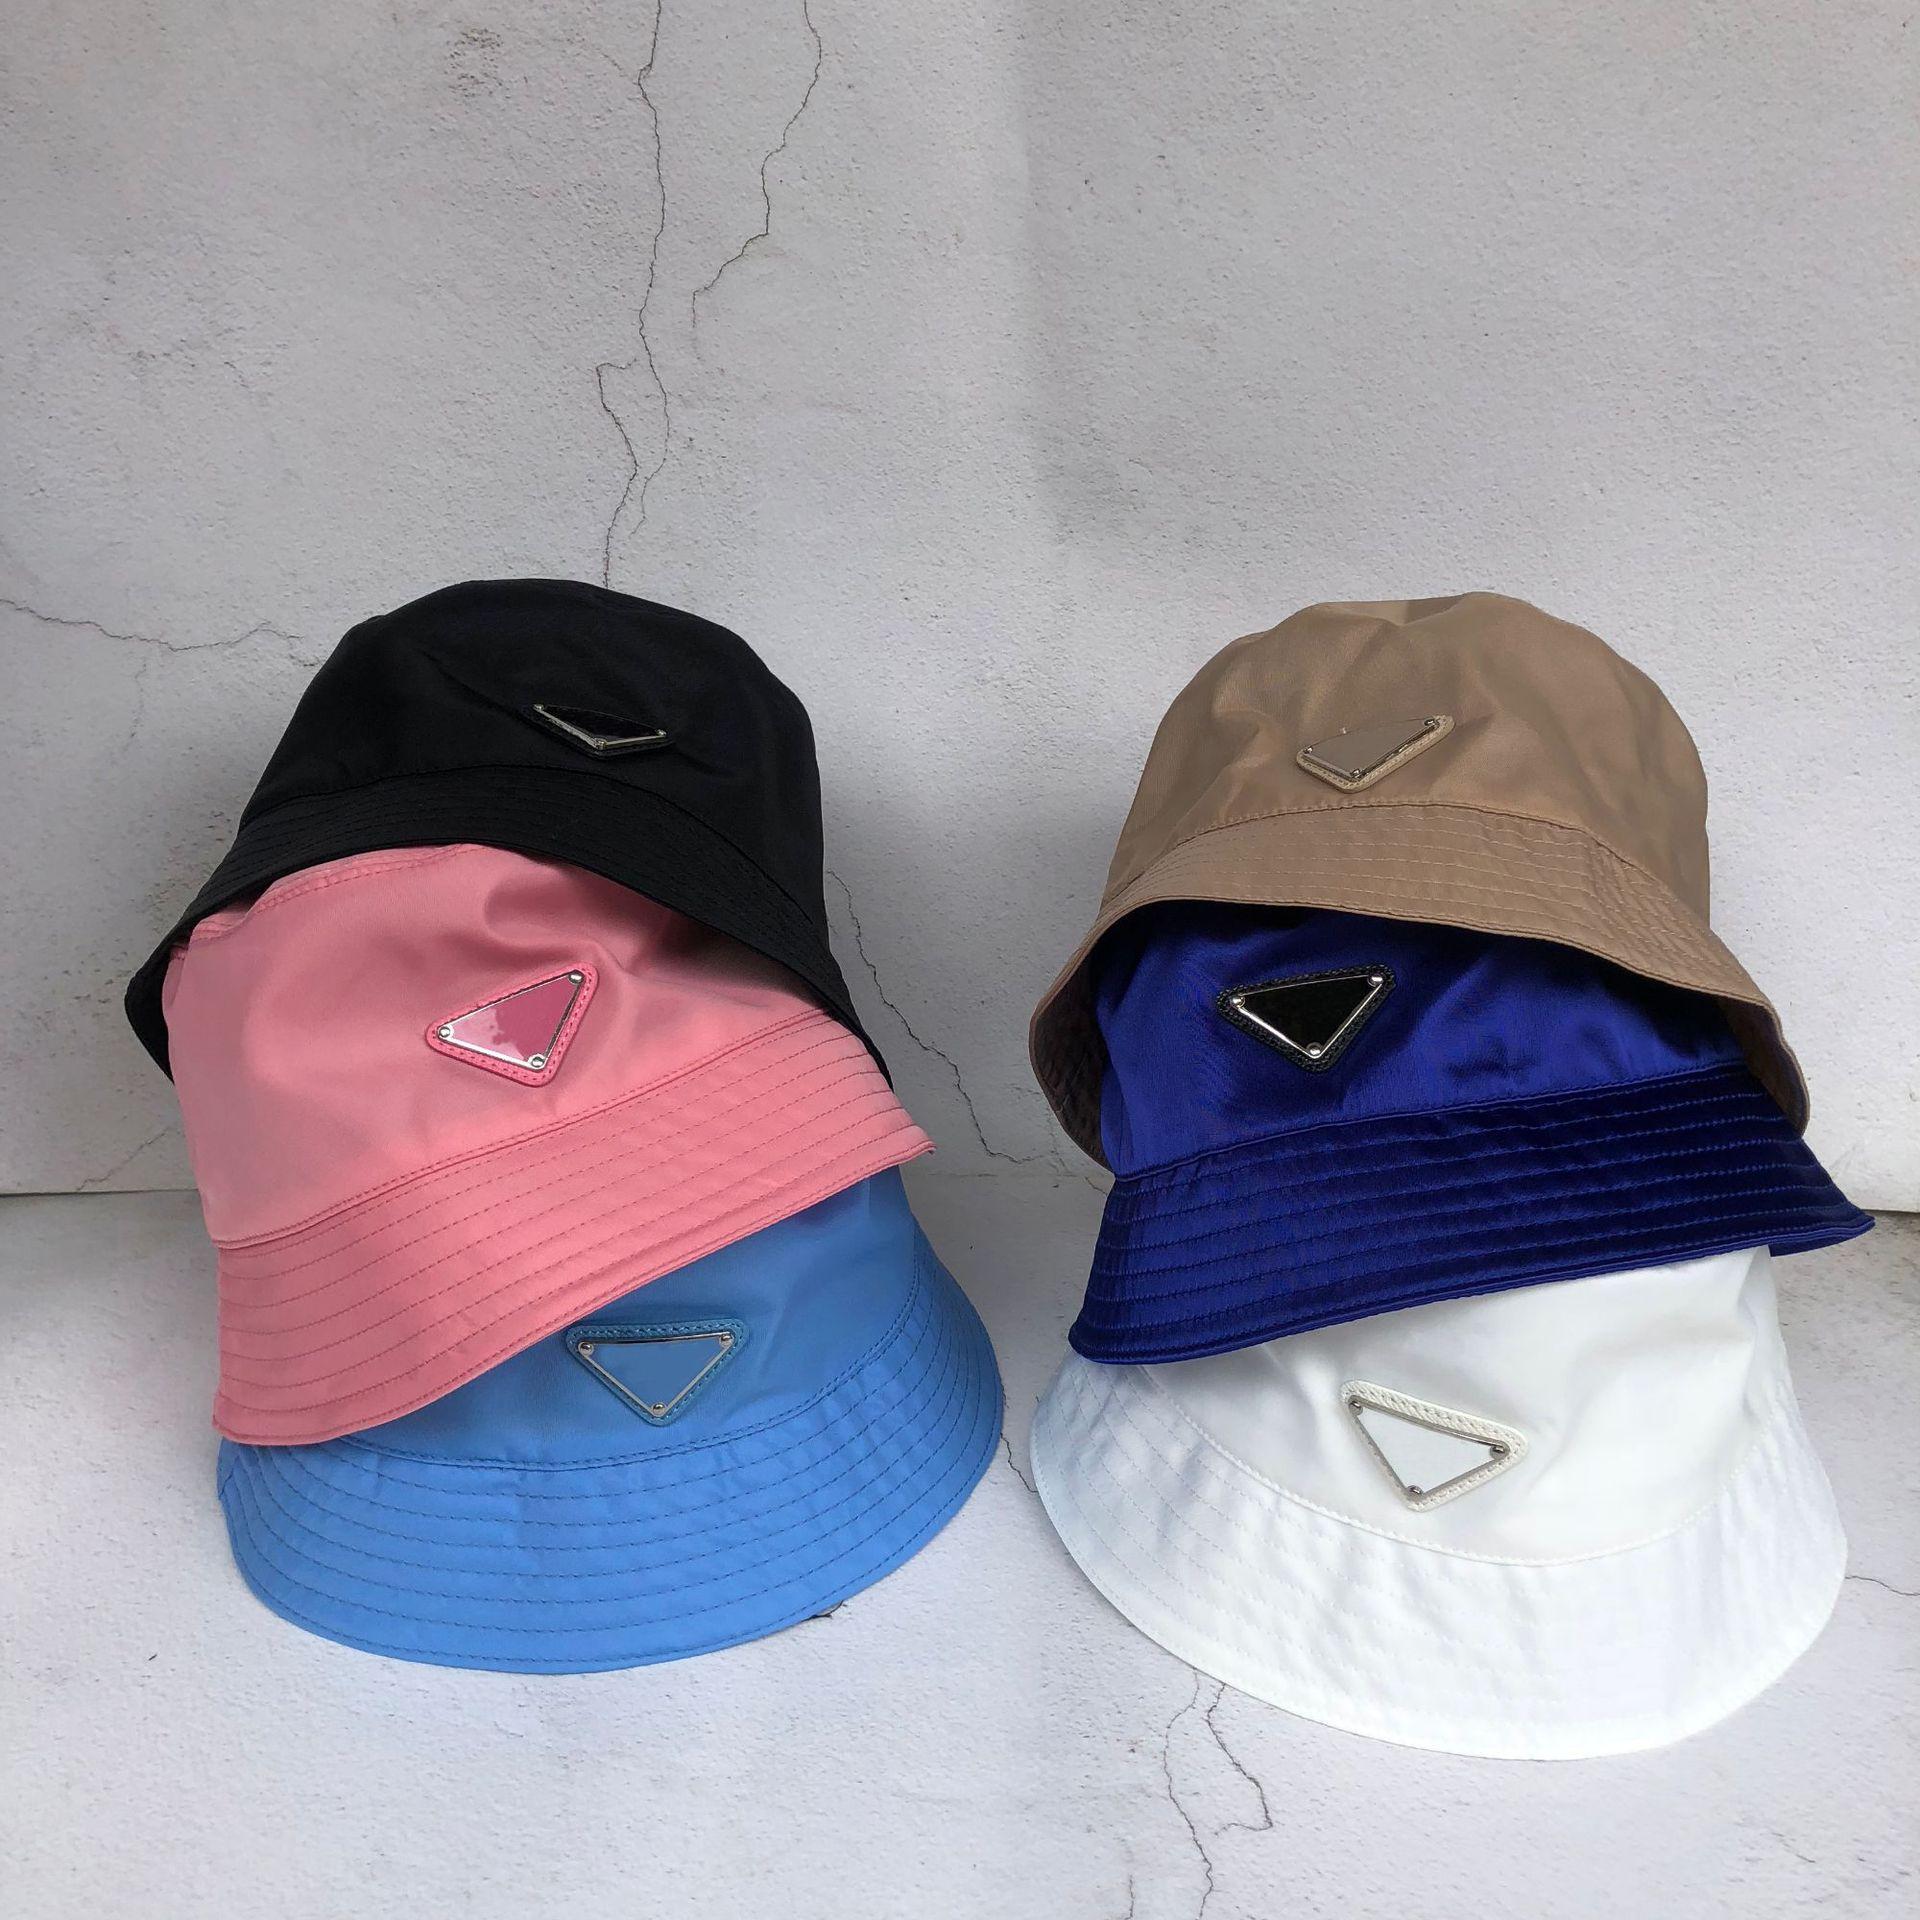 Luxurys Männer Frauen Mütze Mode Stingy Krim Hut Designer mit Druckmuster Atmungsaktive lässige montierte Strandhüte mit Buchstaben optional